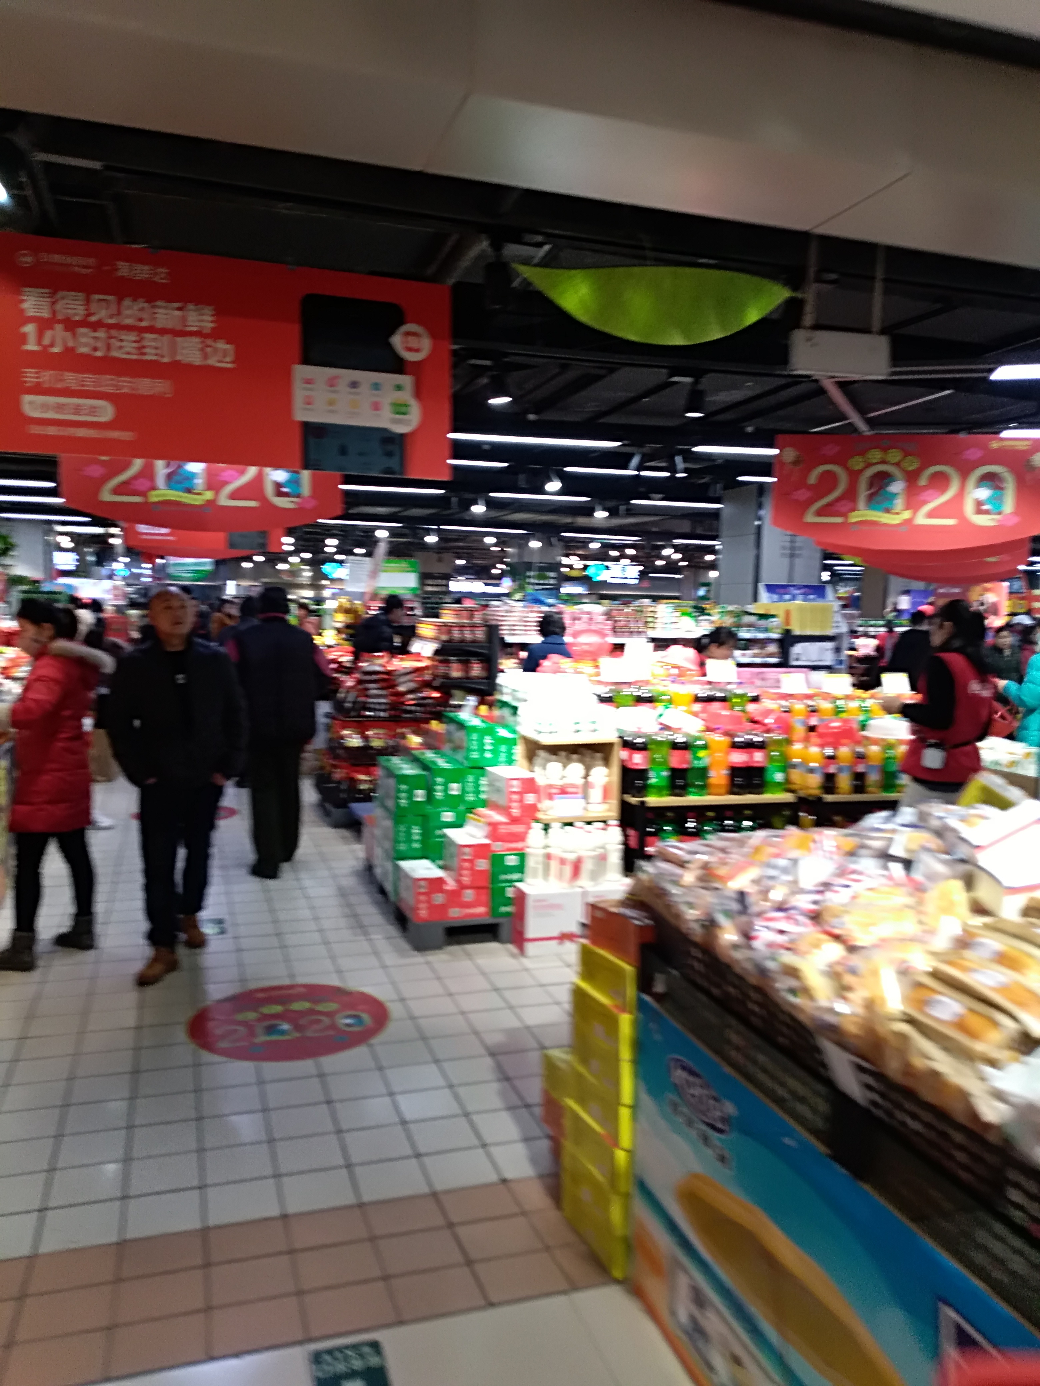 【金鼠打卡第五天】逛超市